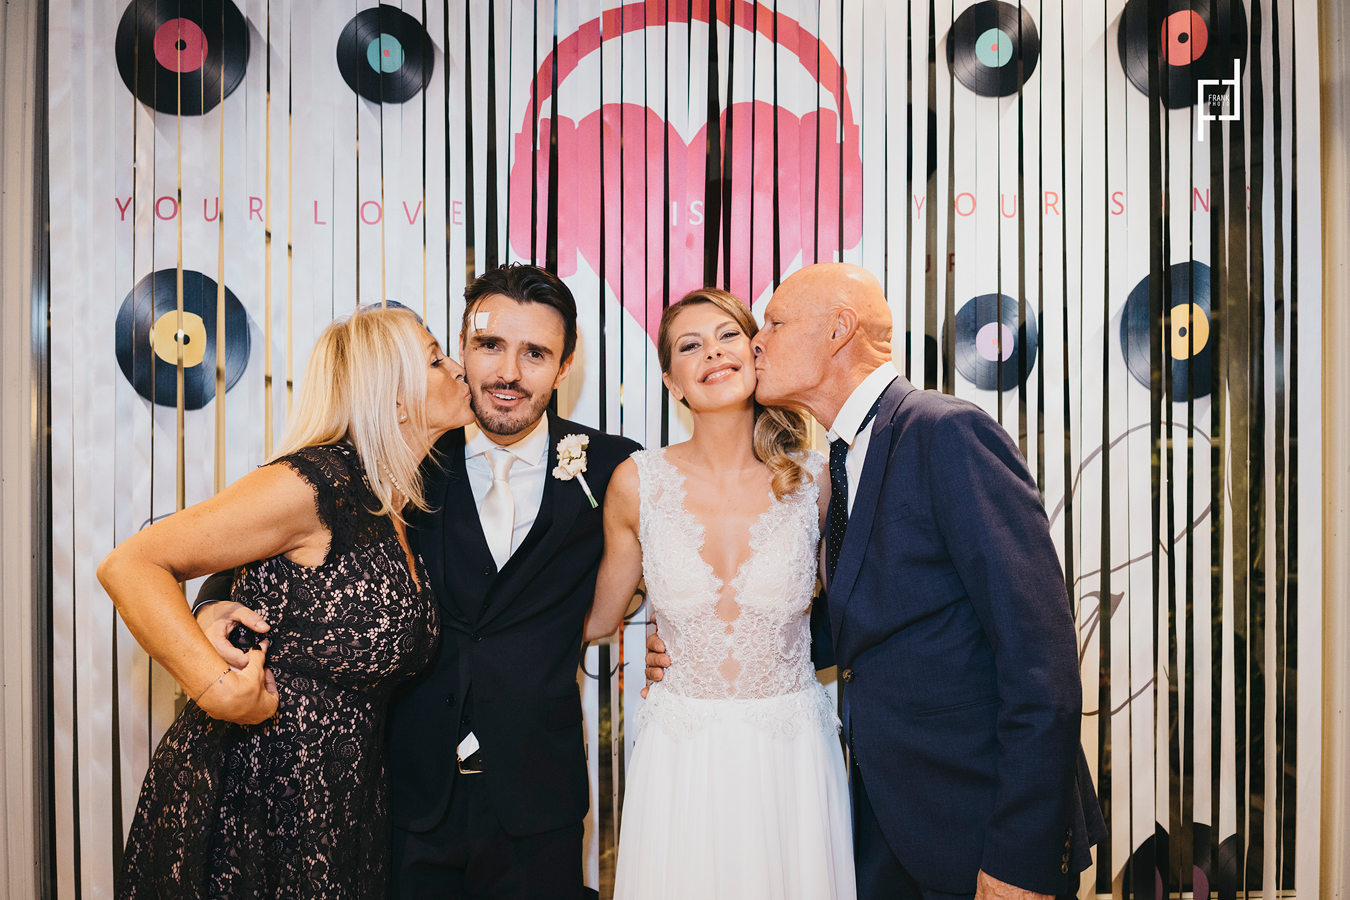 TUOshow al matrimonio di Paola e Rudy Smaila